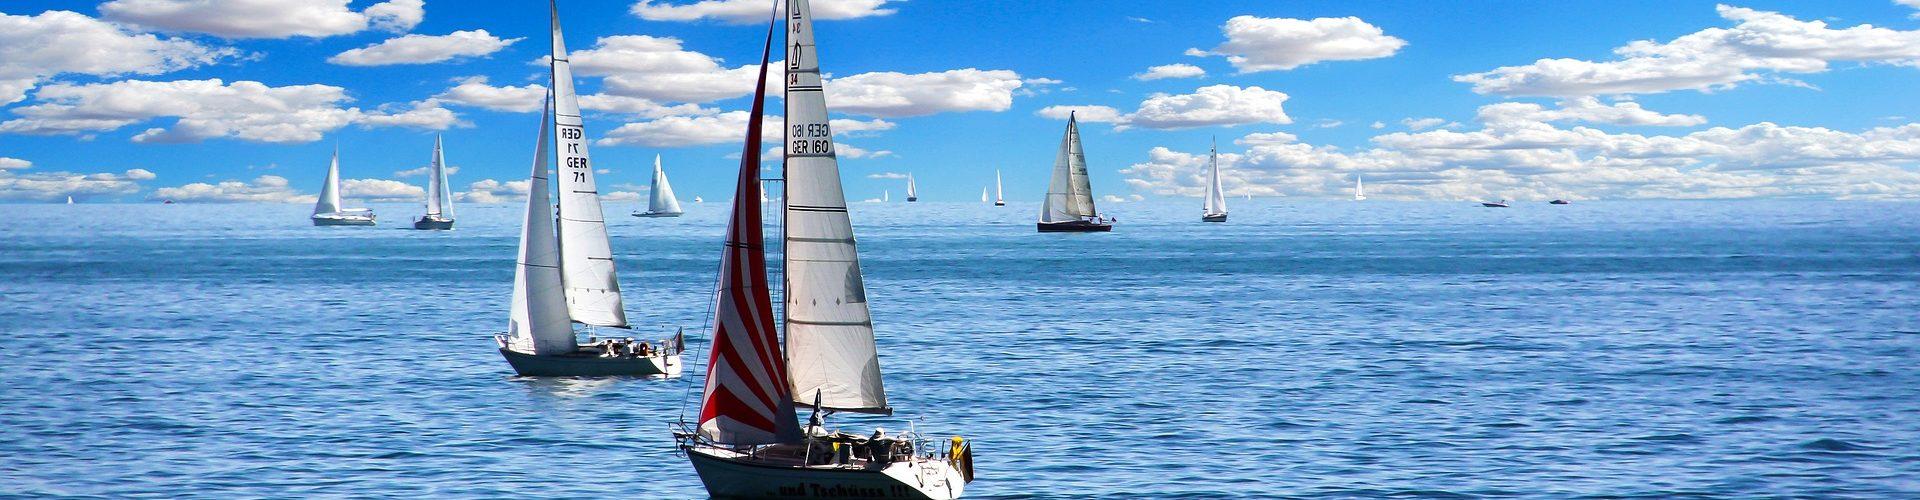 segeln lernen in Minden segelschein machen in Minden 1920x500 - Segeln lernen in Minden